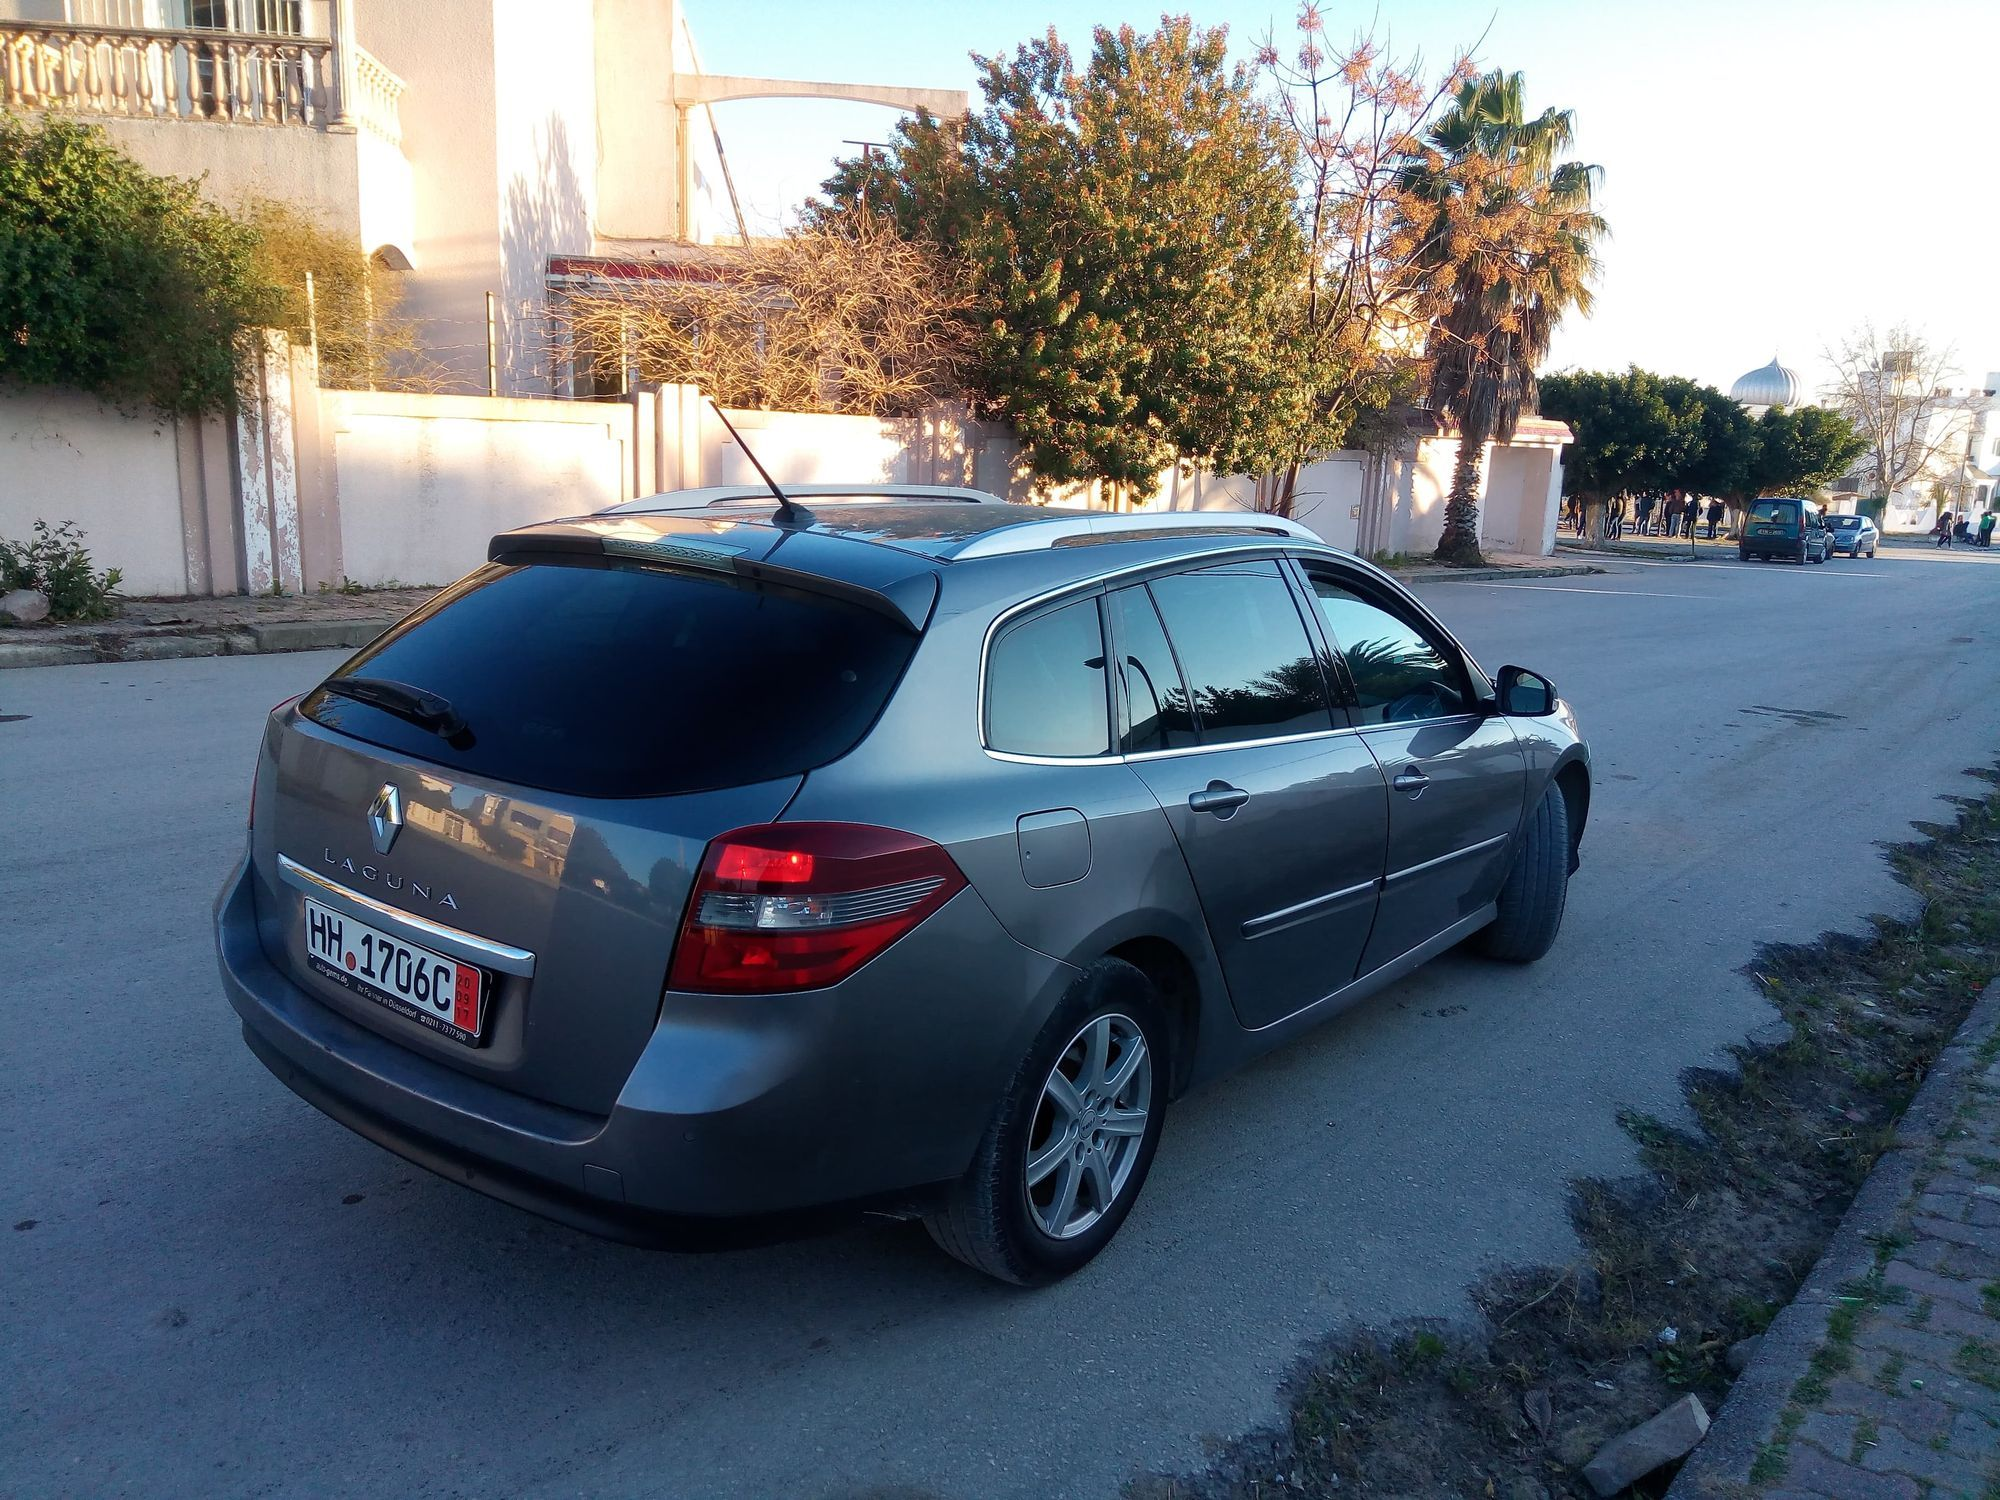 vente voiture occasion tunisie renault laguna estate